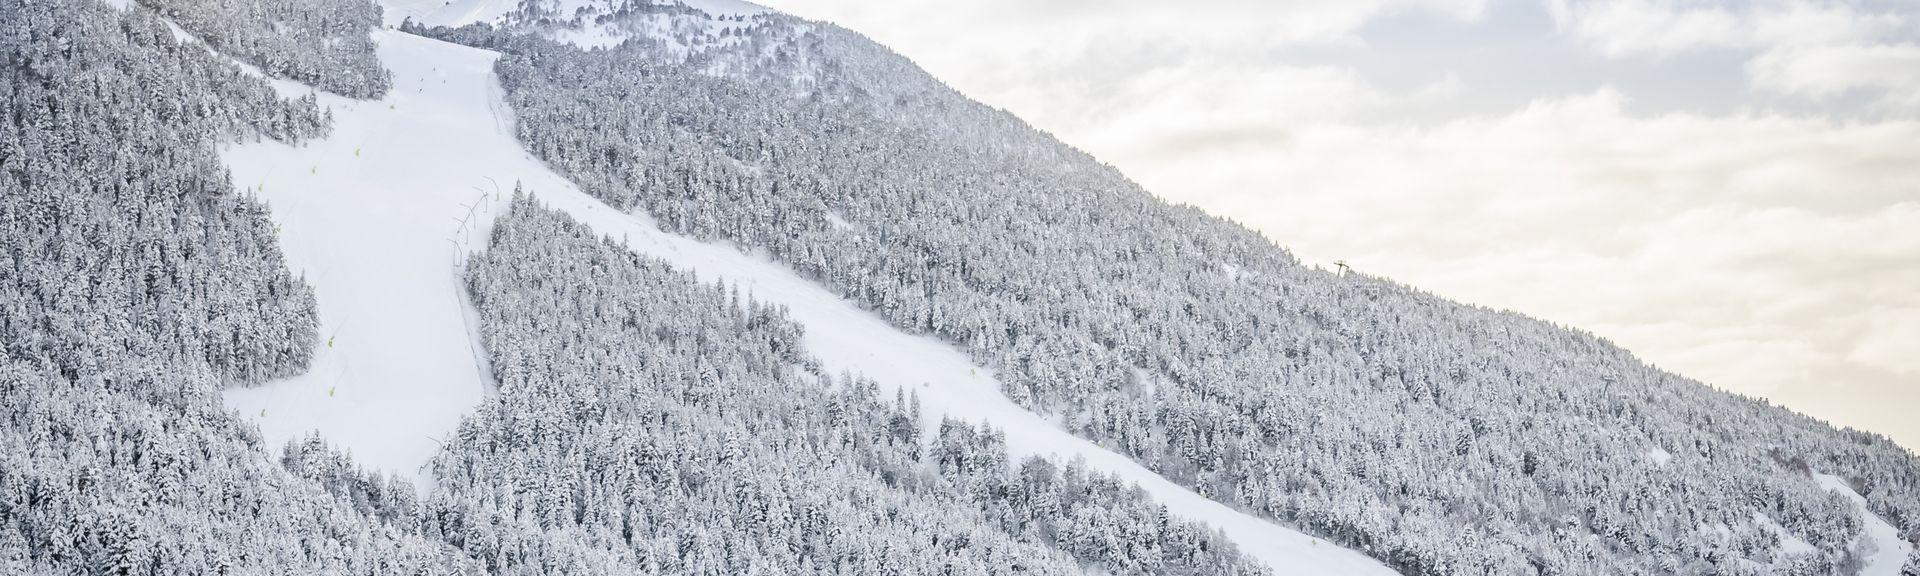 Pal-Arinsal Ski Resort, La Massana, Andorra